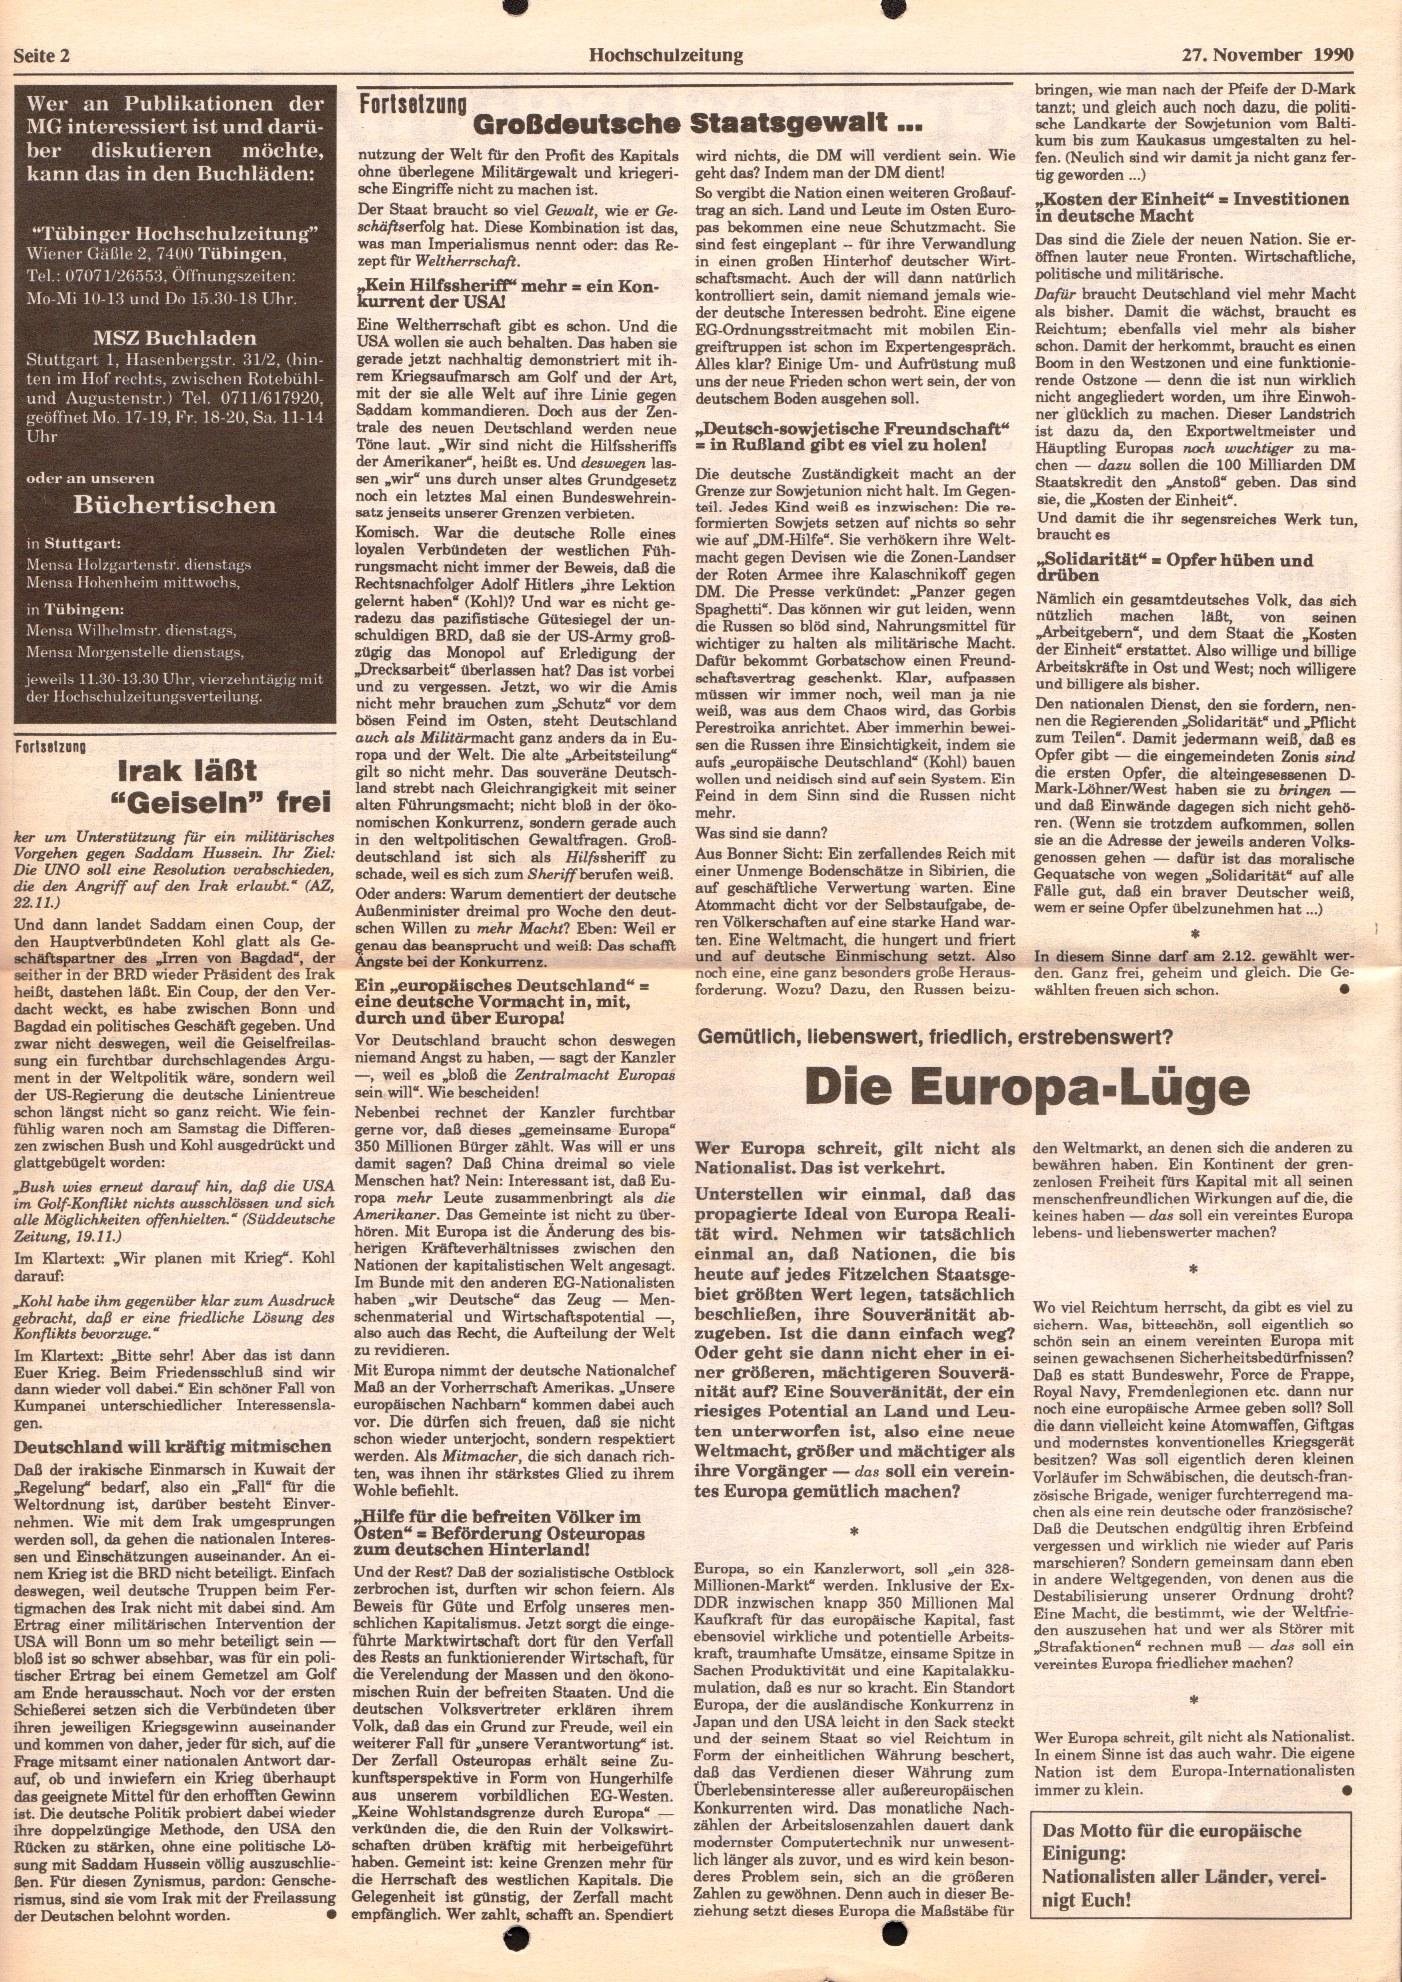 Tuebingen_MG_Hochschulzeitung_1990_13_02